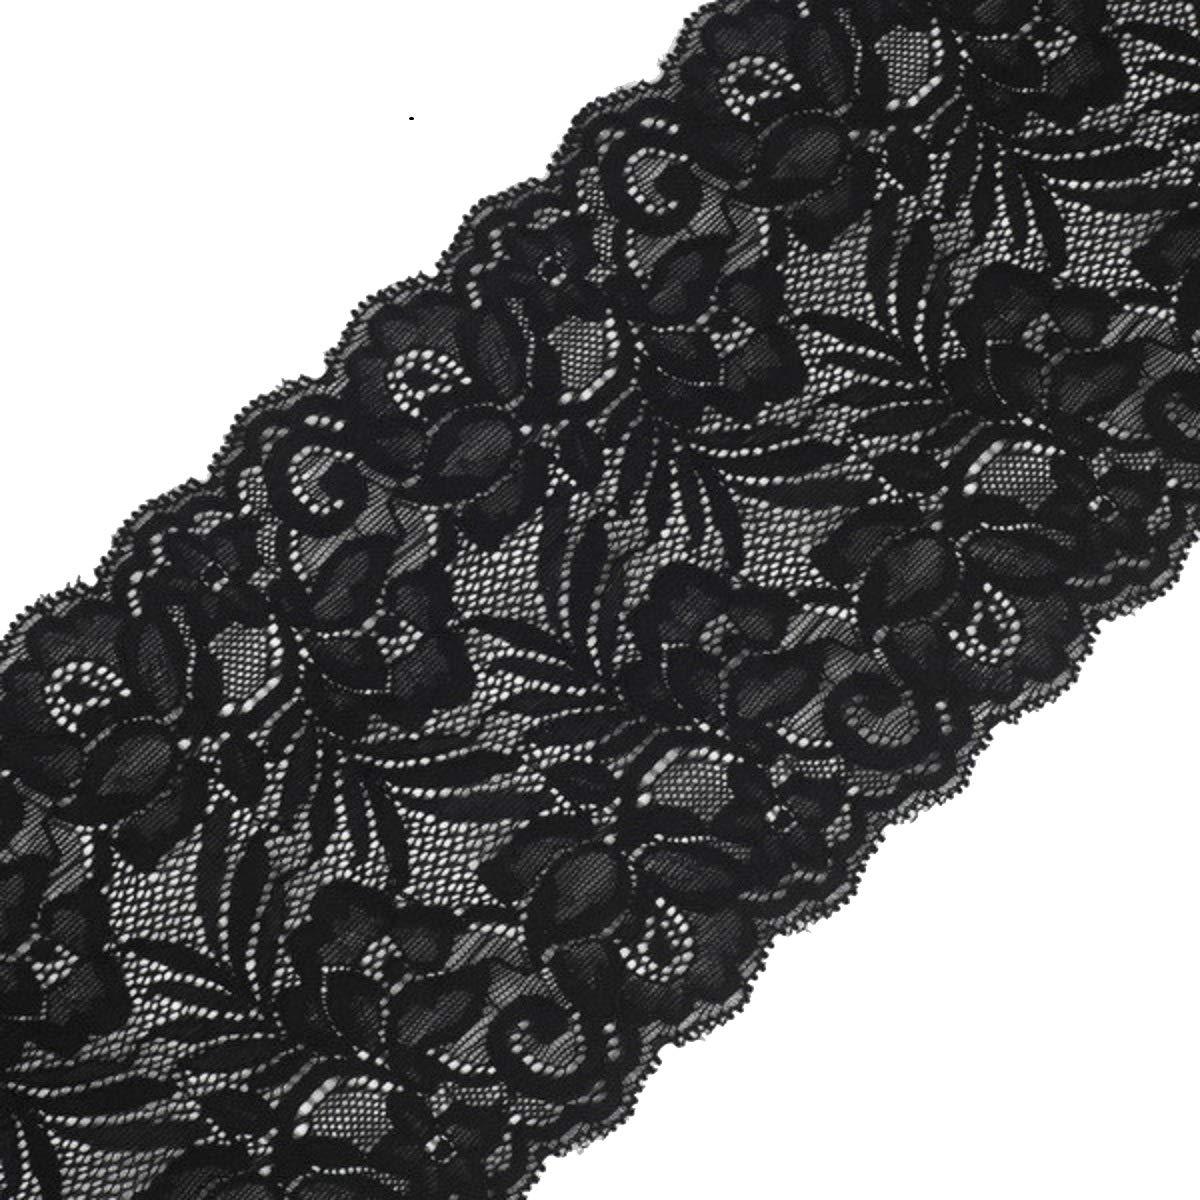 Beige Yalulu 5 Yards x 15CM Width Embroidered Stretch Floral Lace Edge Trim Ribbon Applique DIY Garment Sewing Craft Wedding Decoration